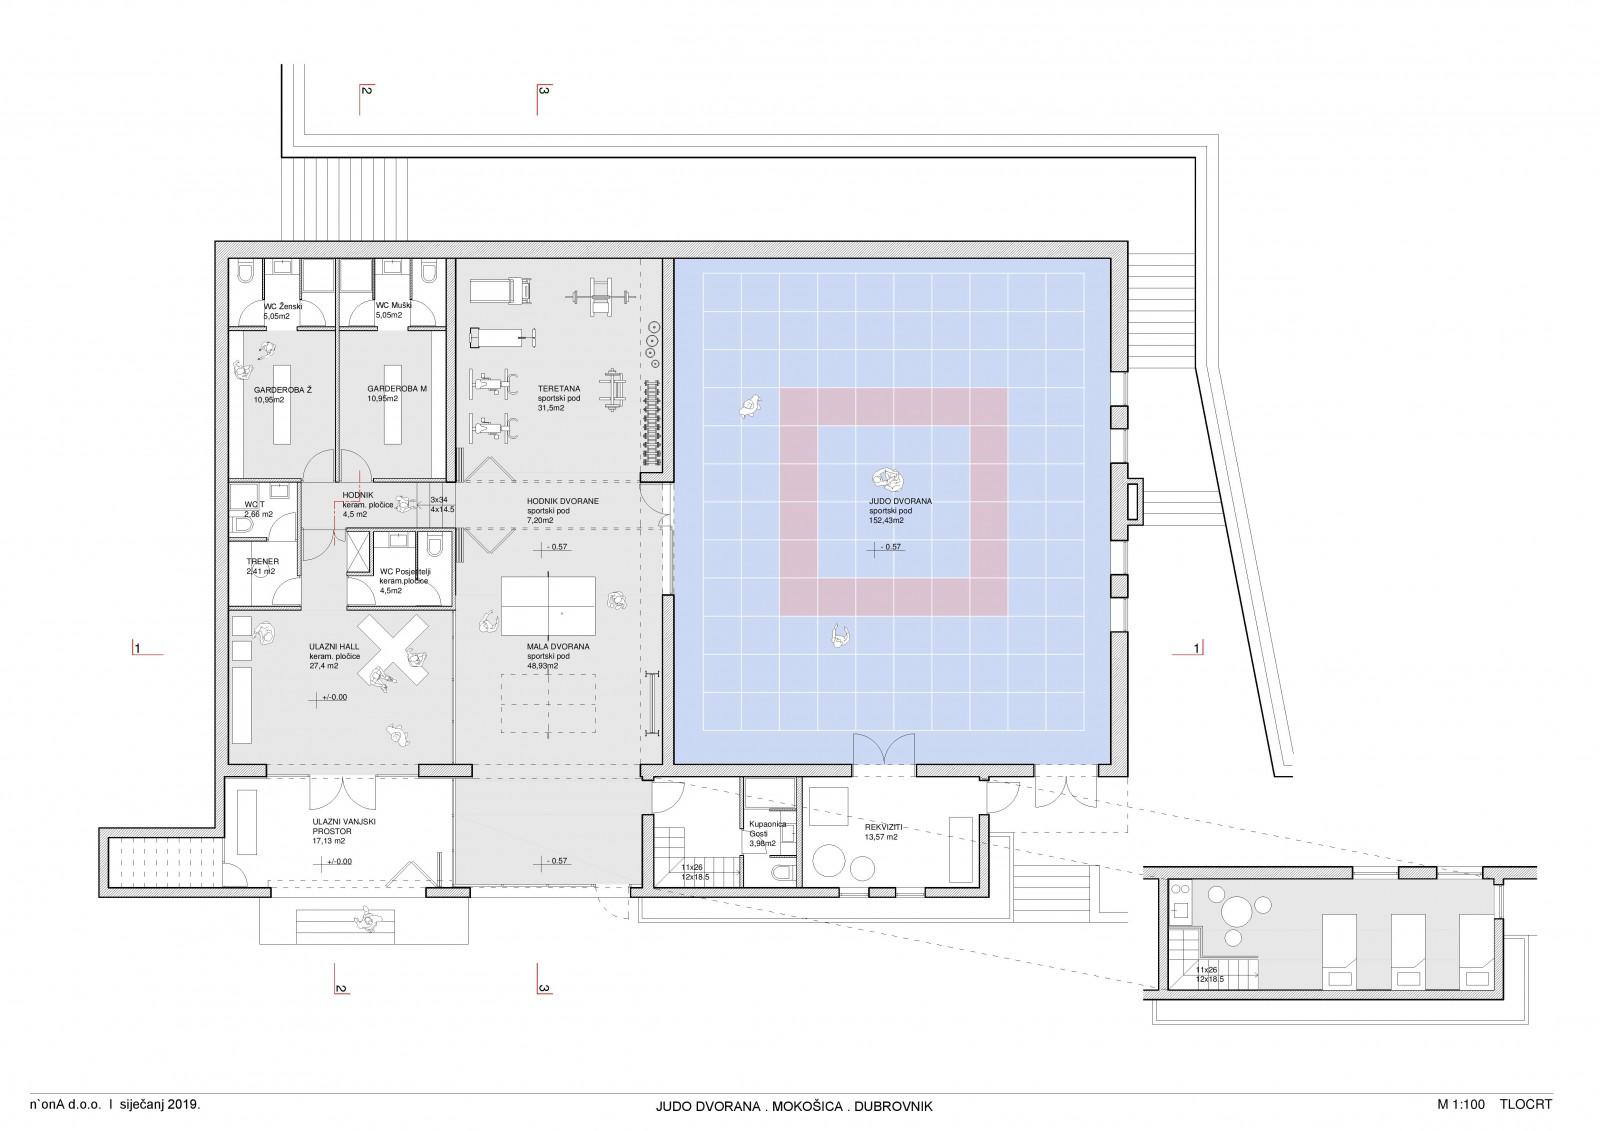 Izrađen glavni arhitektonski projekt adaptacije judo dvorane u Mokošici